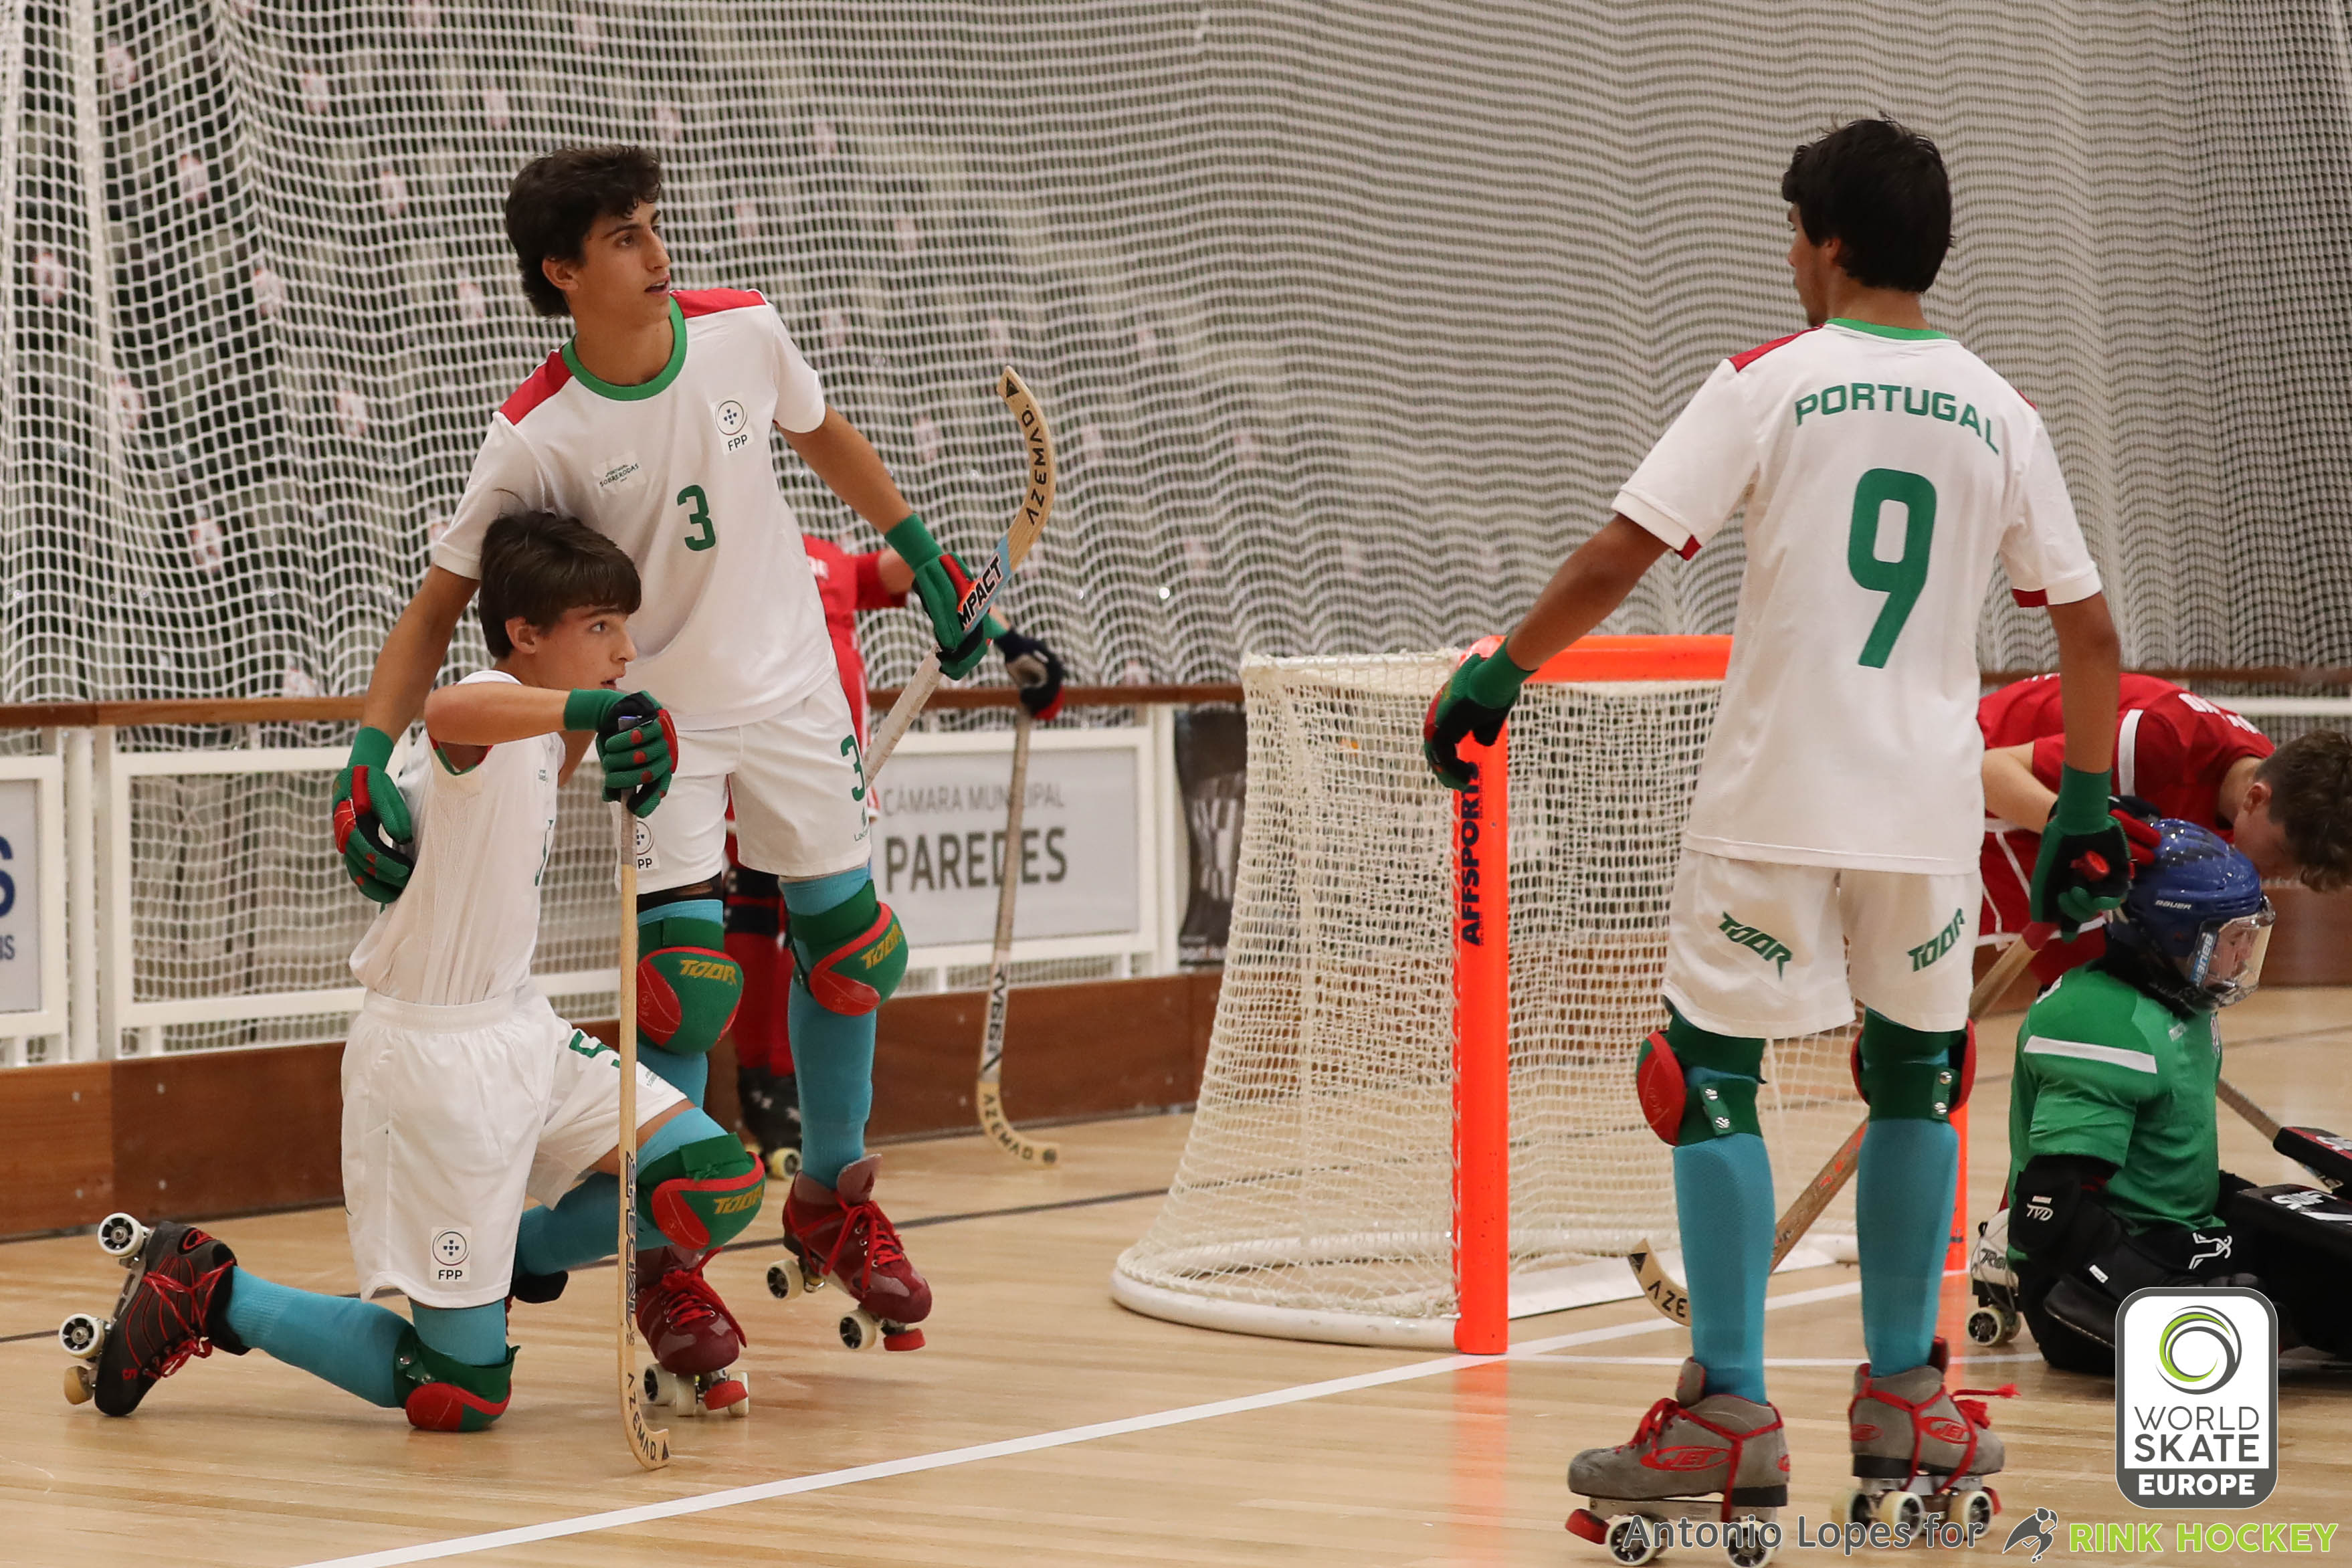 Inglaterra-com-Portugal-412